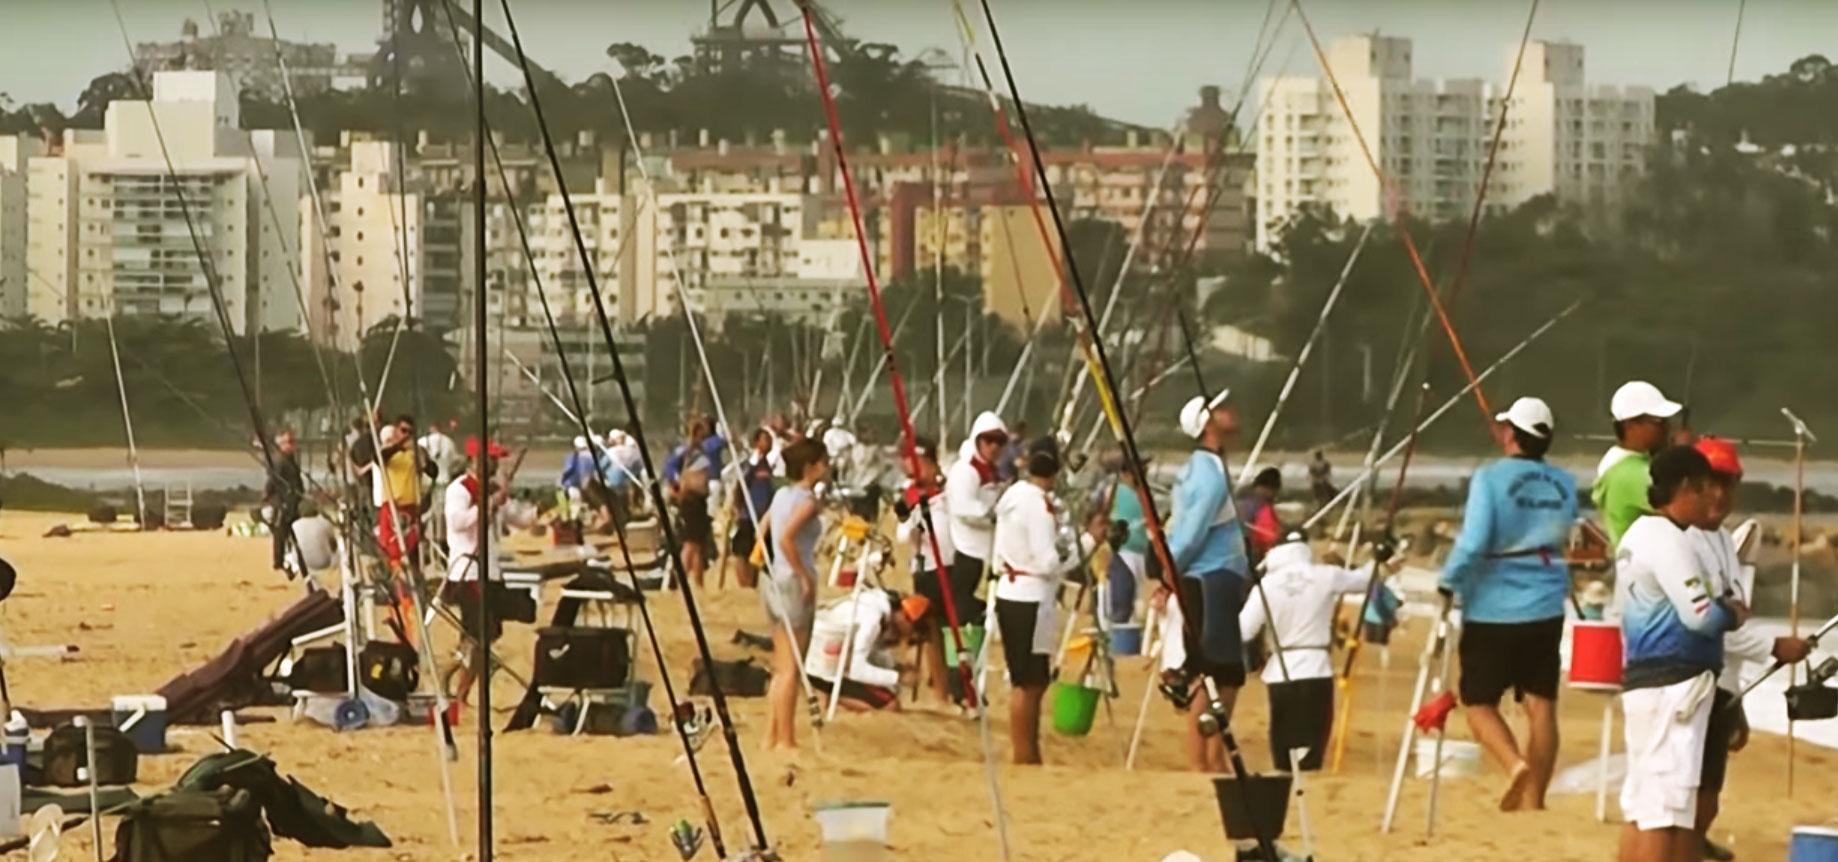 32ª edição da Taça Cidade de Vitória de Pesca e Arremesso neste fim de semana